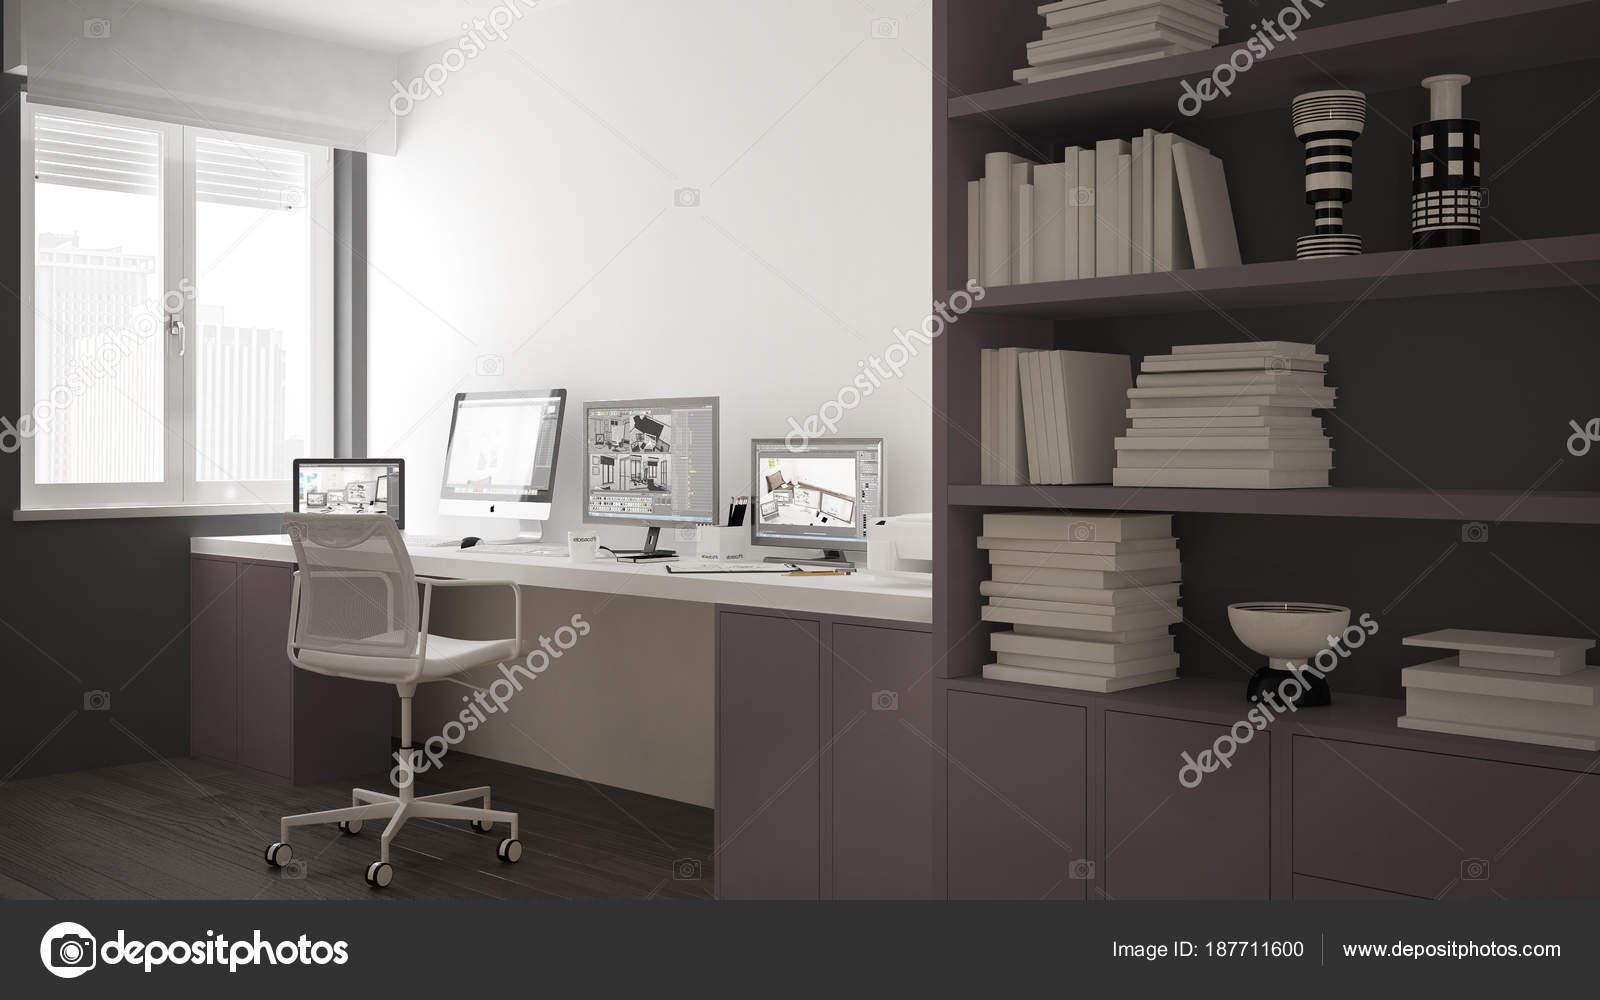 Scrivania Libreria Per Computer.Luogo Di Lavoro Moderno In Casa Minimalista Scrivania Con Computer